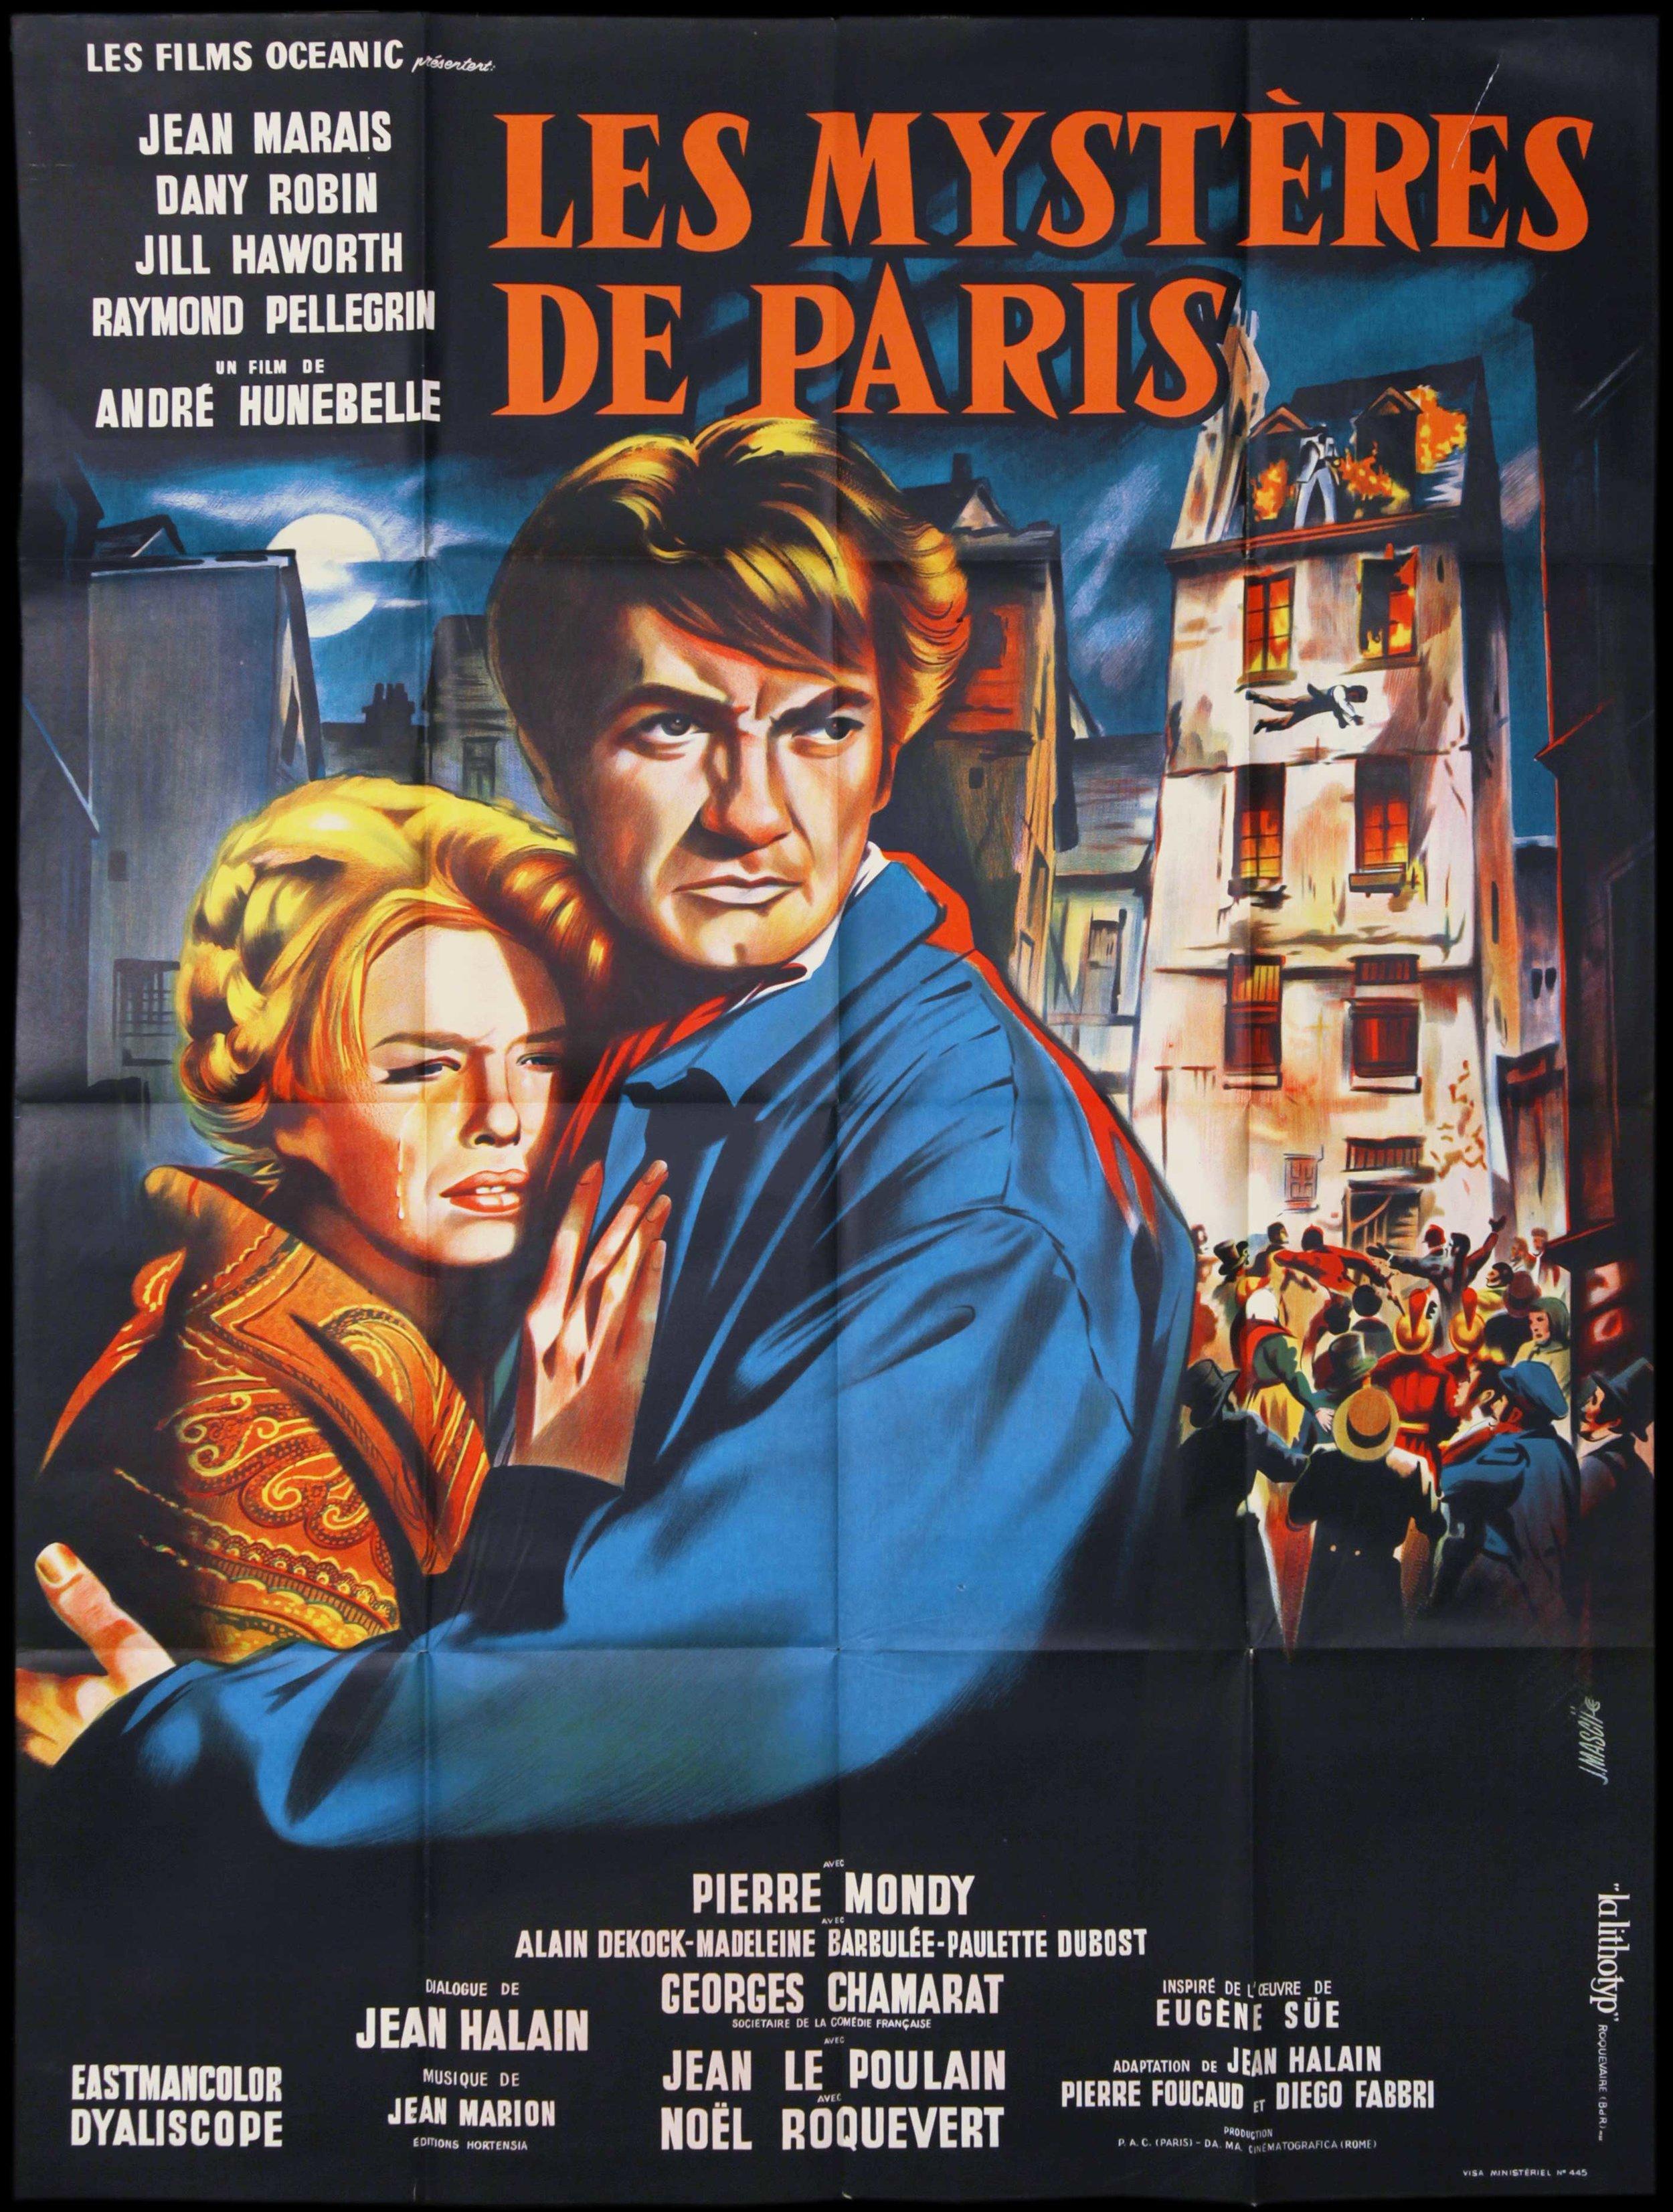 Le Mysteres De Paris (1962)